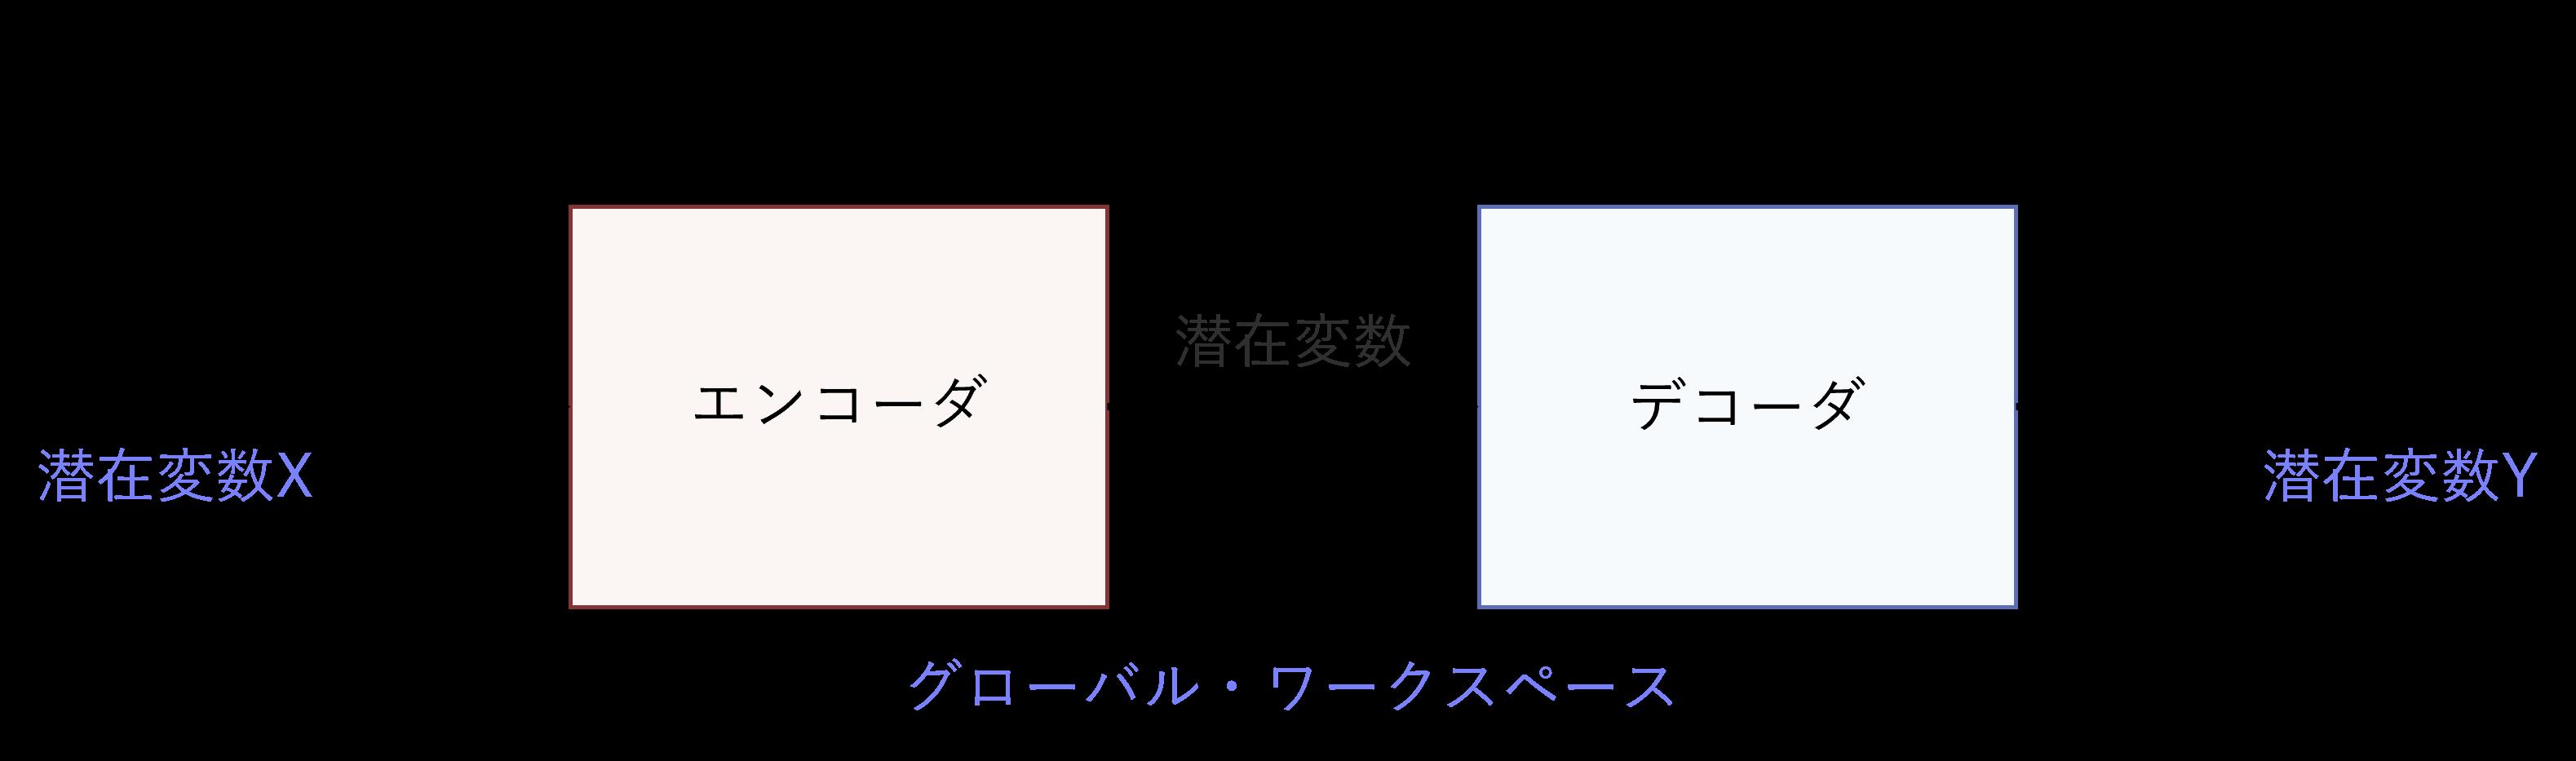 潜在変数を変換する方法